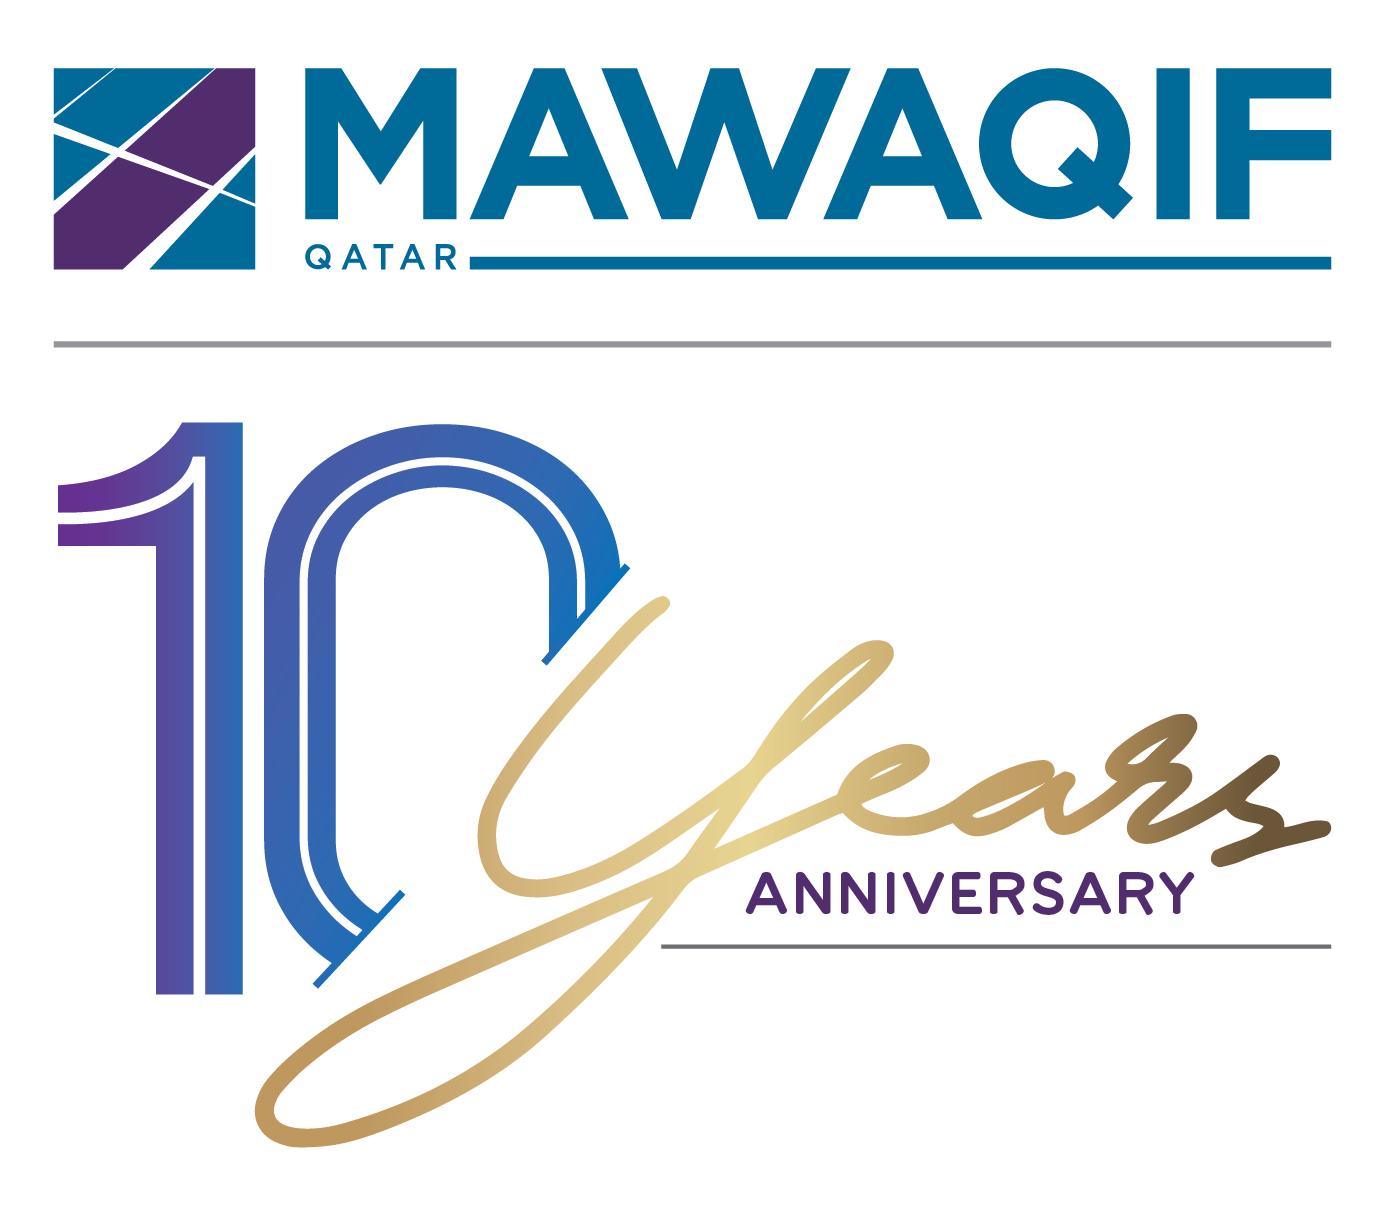 Mawaqif Qatar 10 Years Anniversary